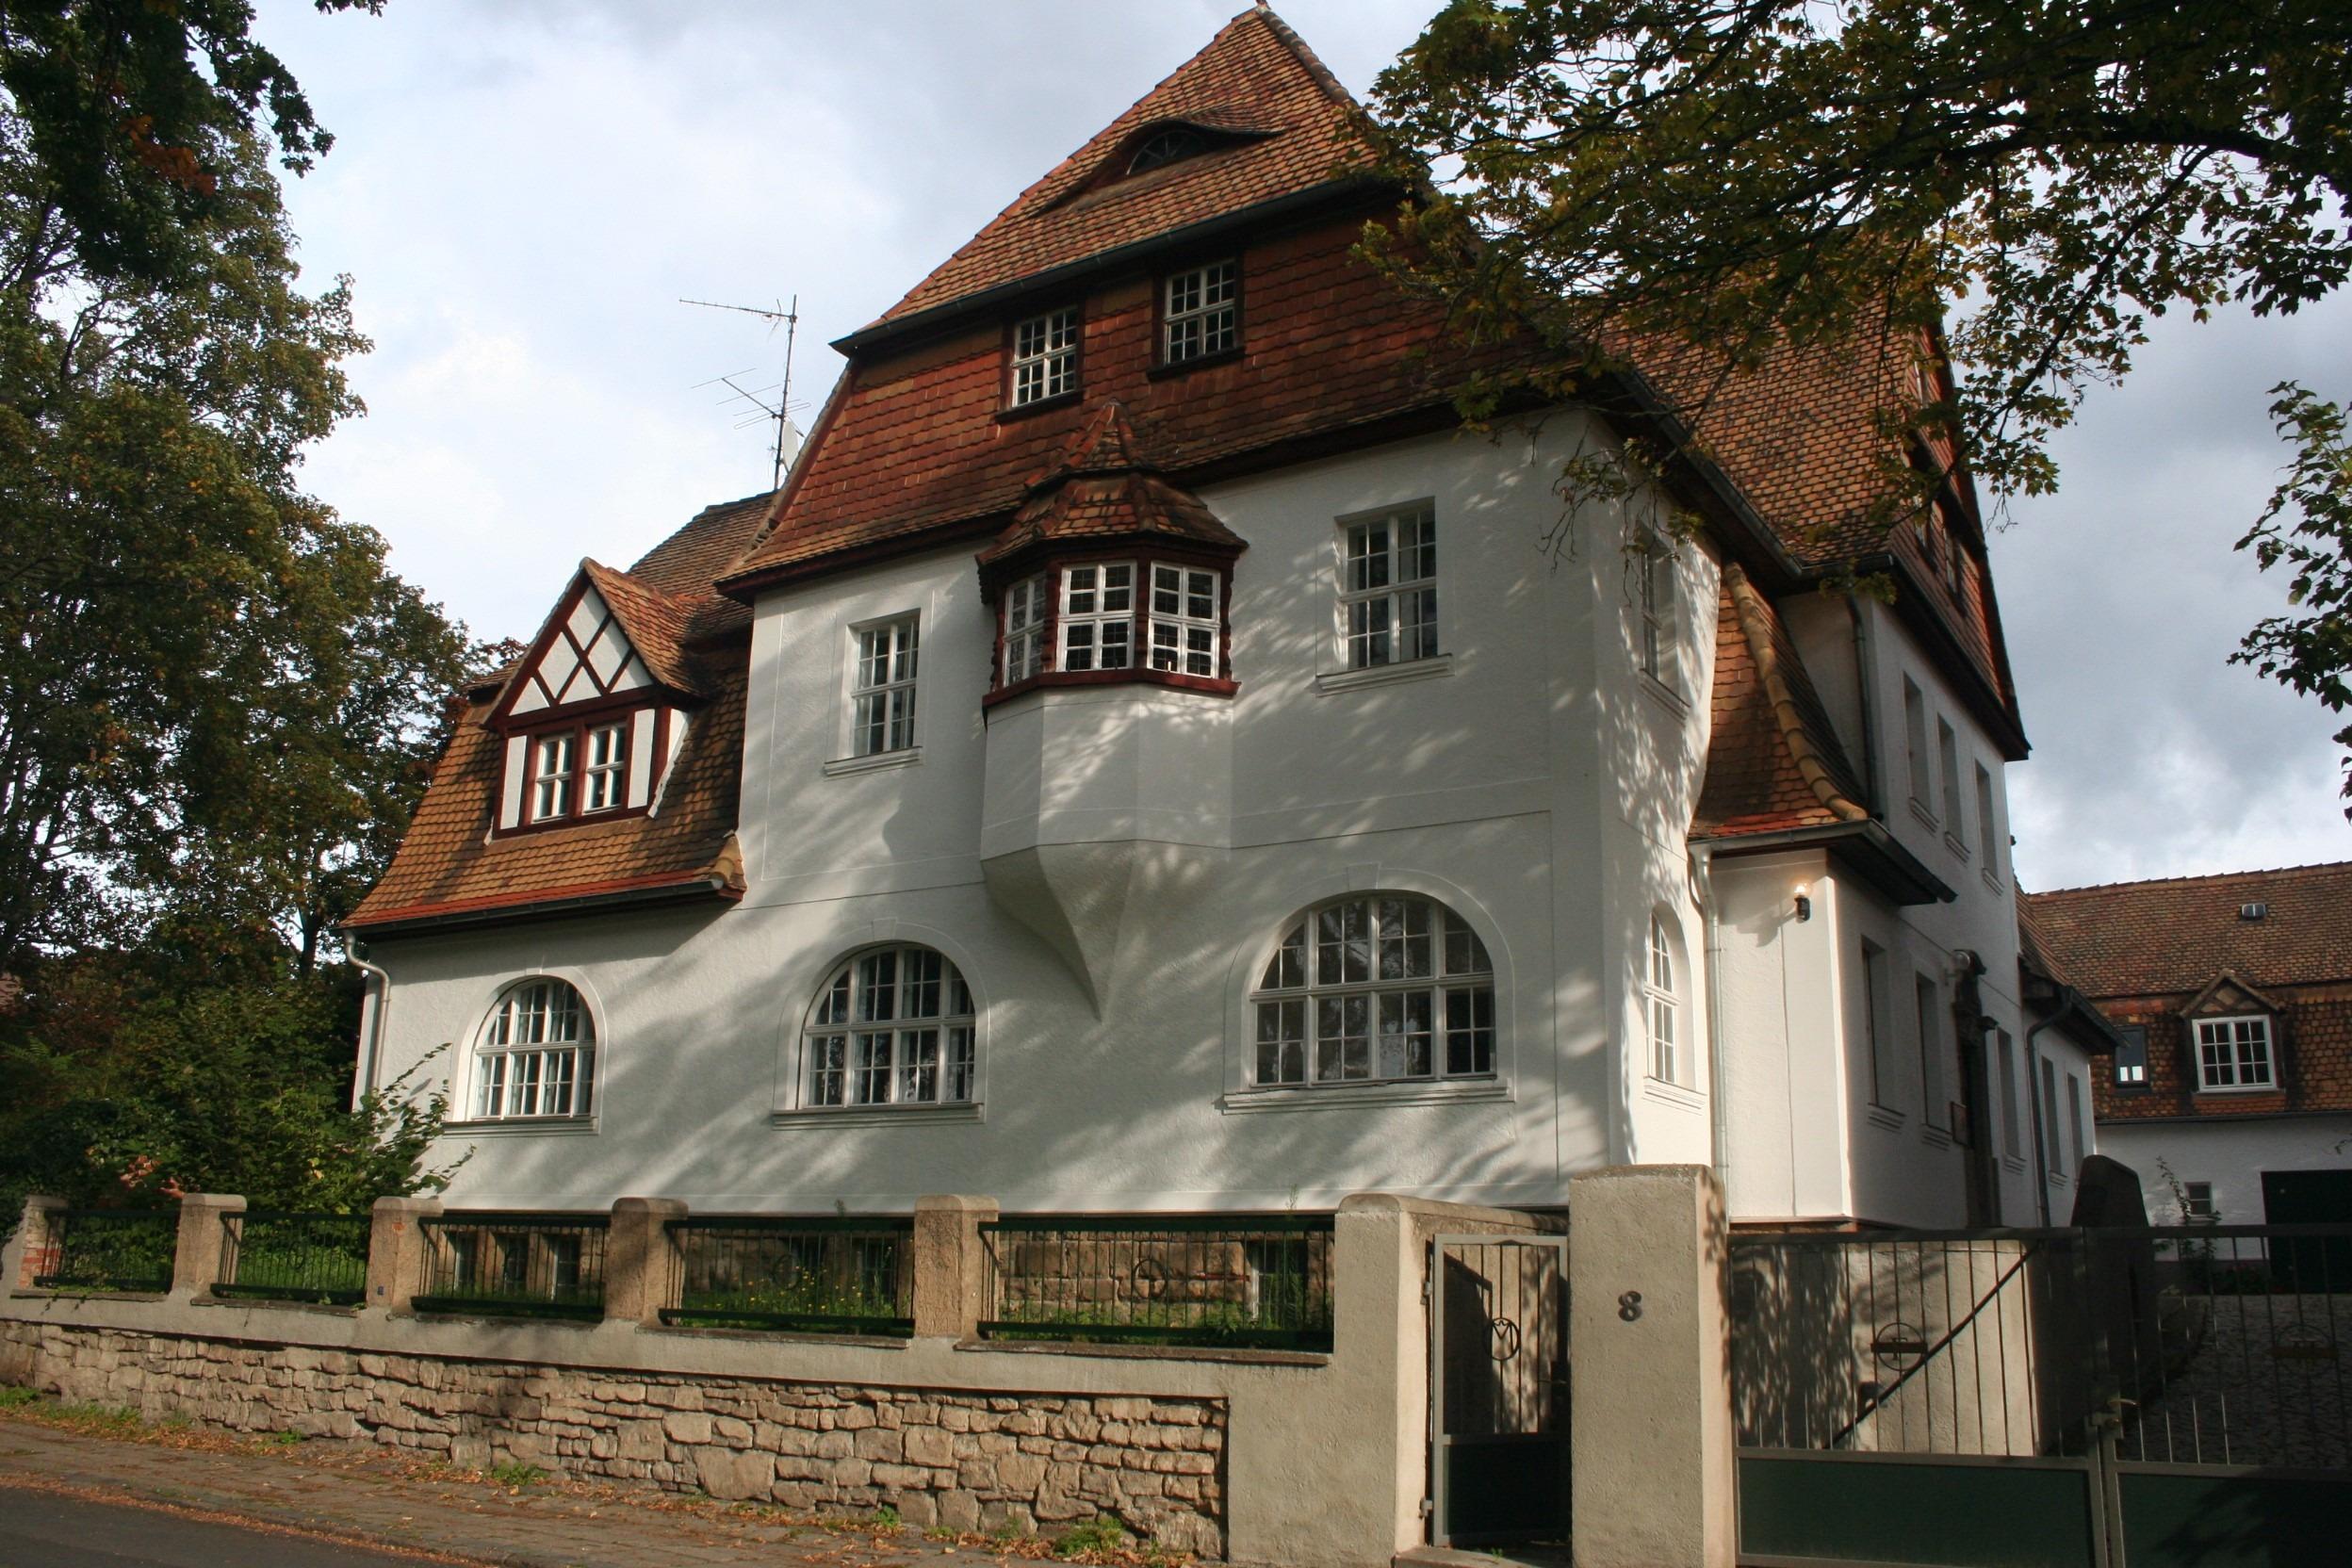 Mietwohnung Bad Lauchstädt - Straßenansicht